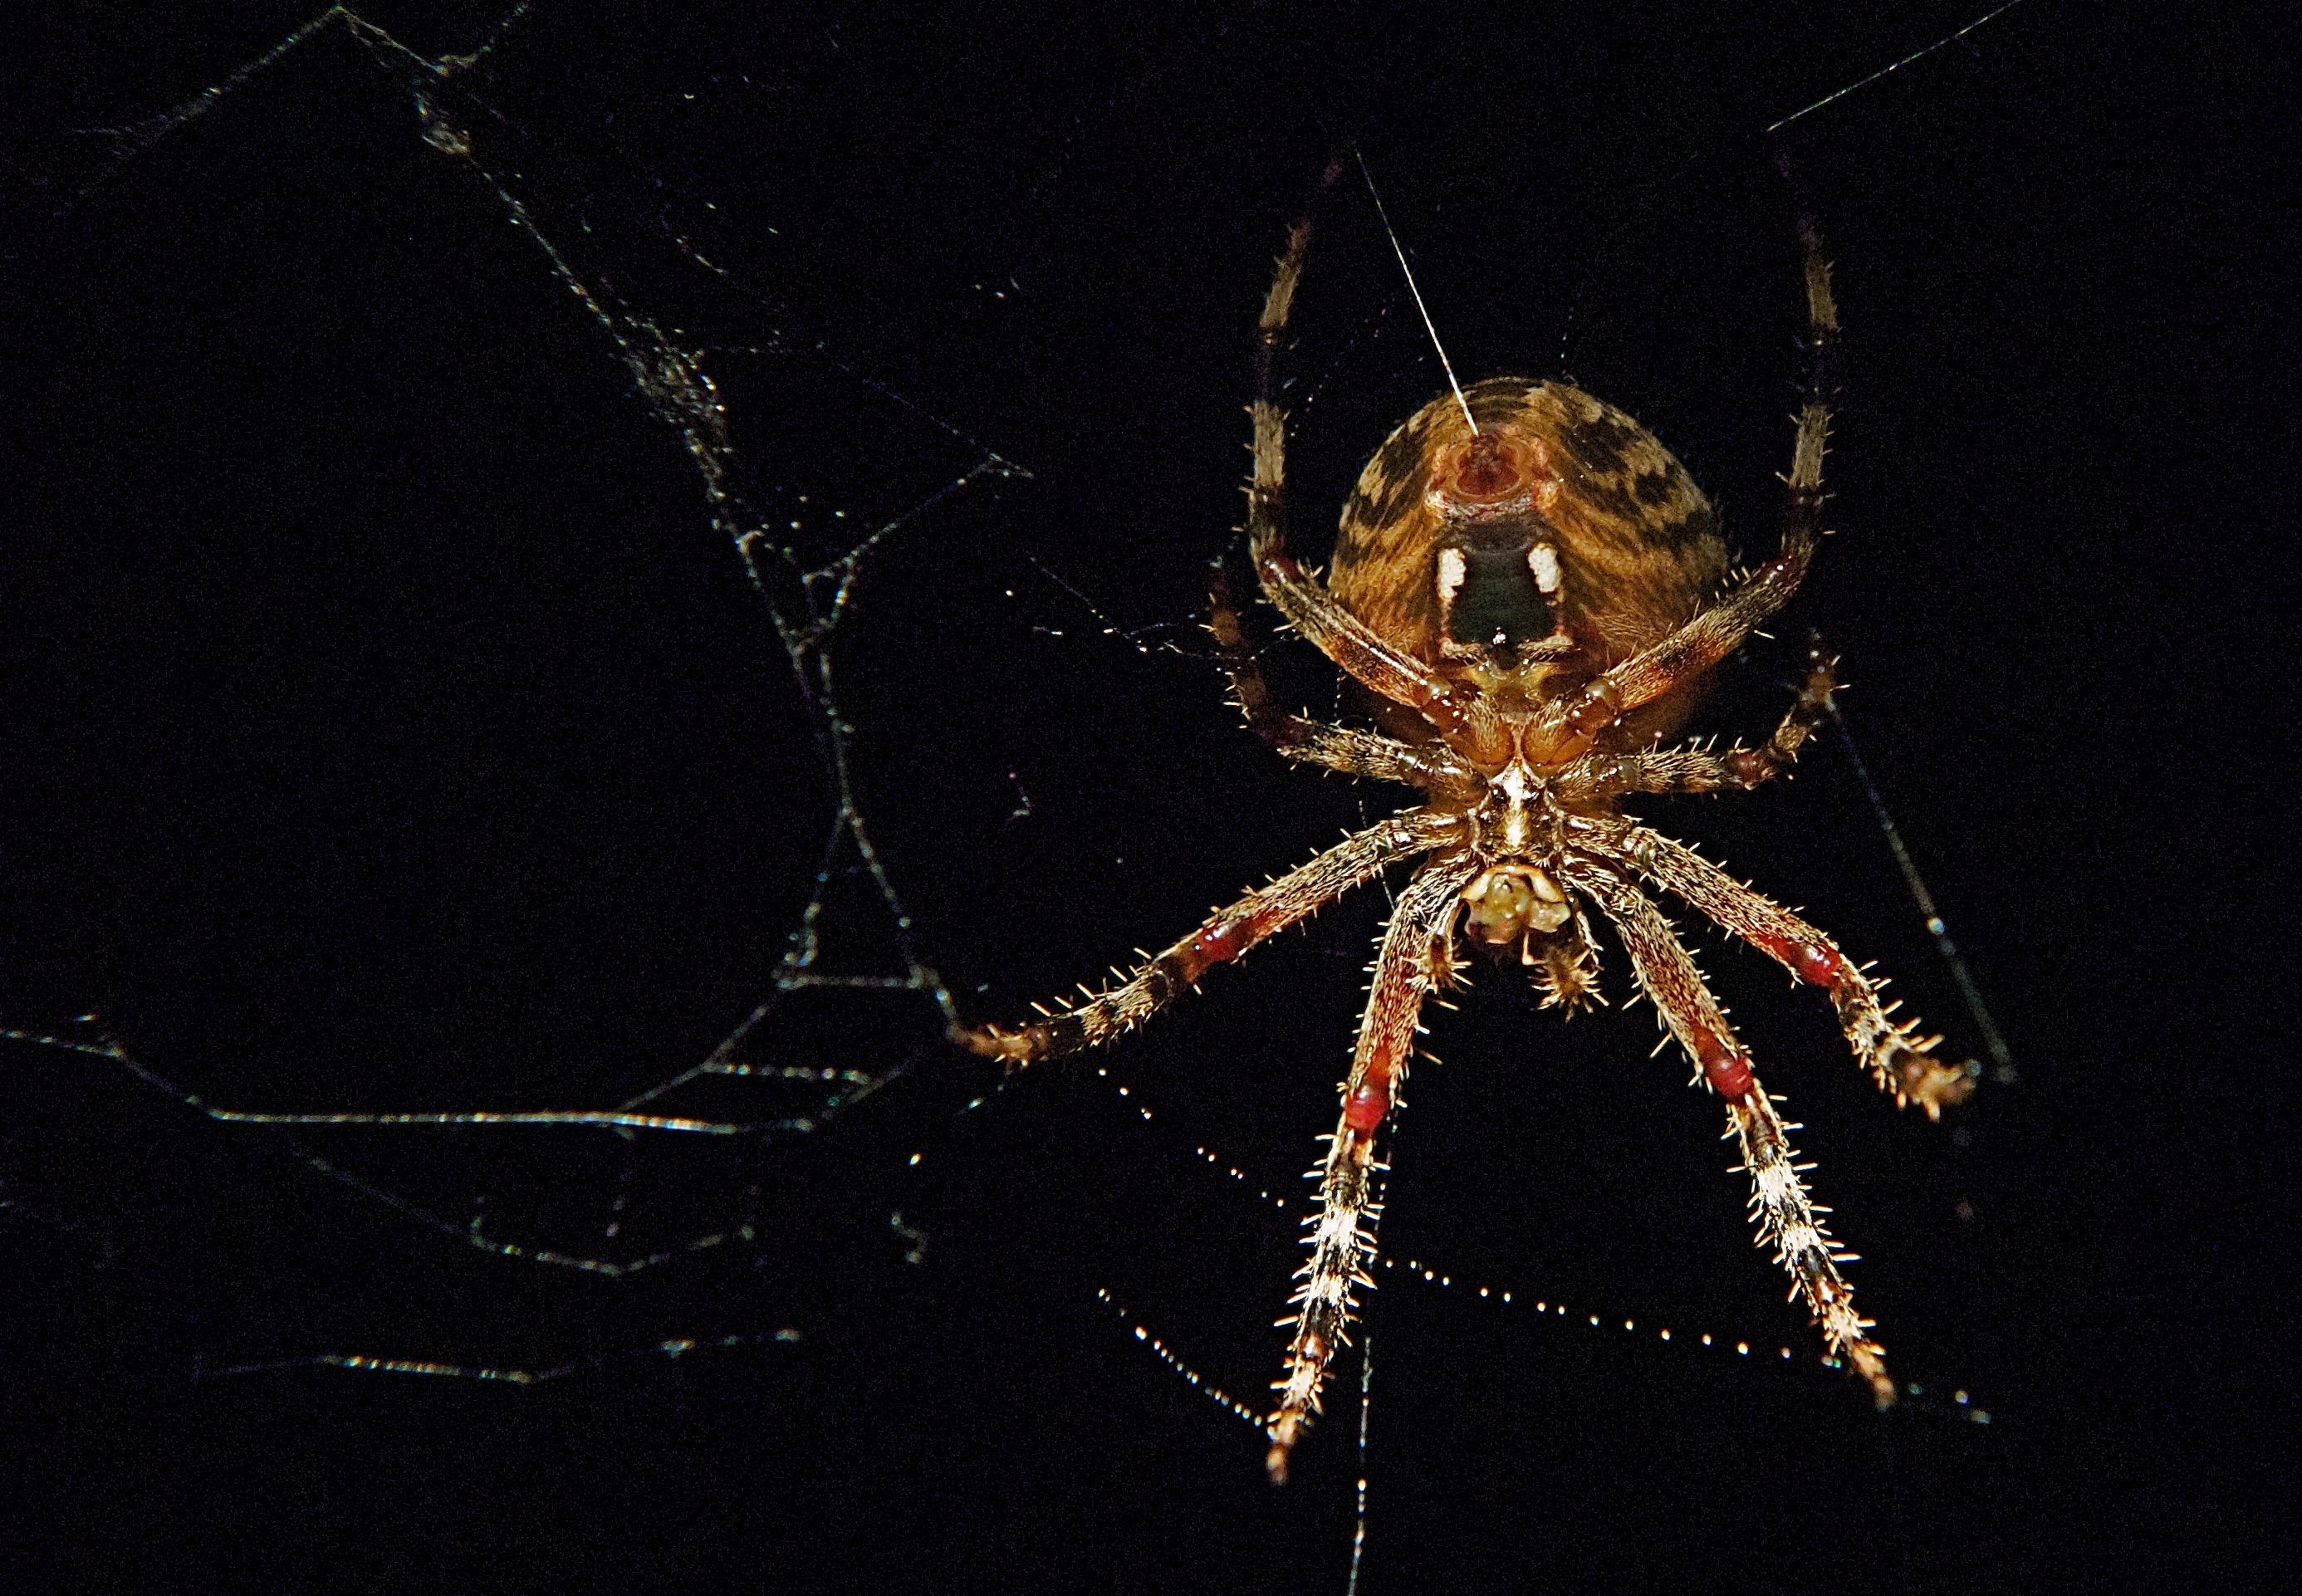 Orb-Weaving Spider (Botom shooting wed)